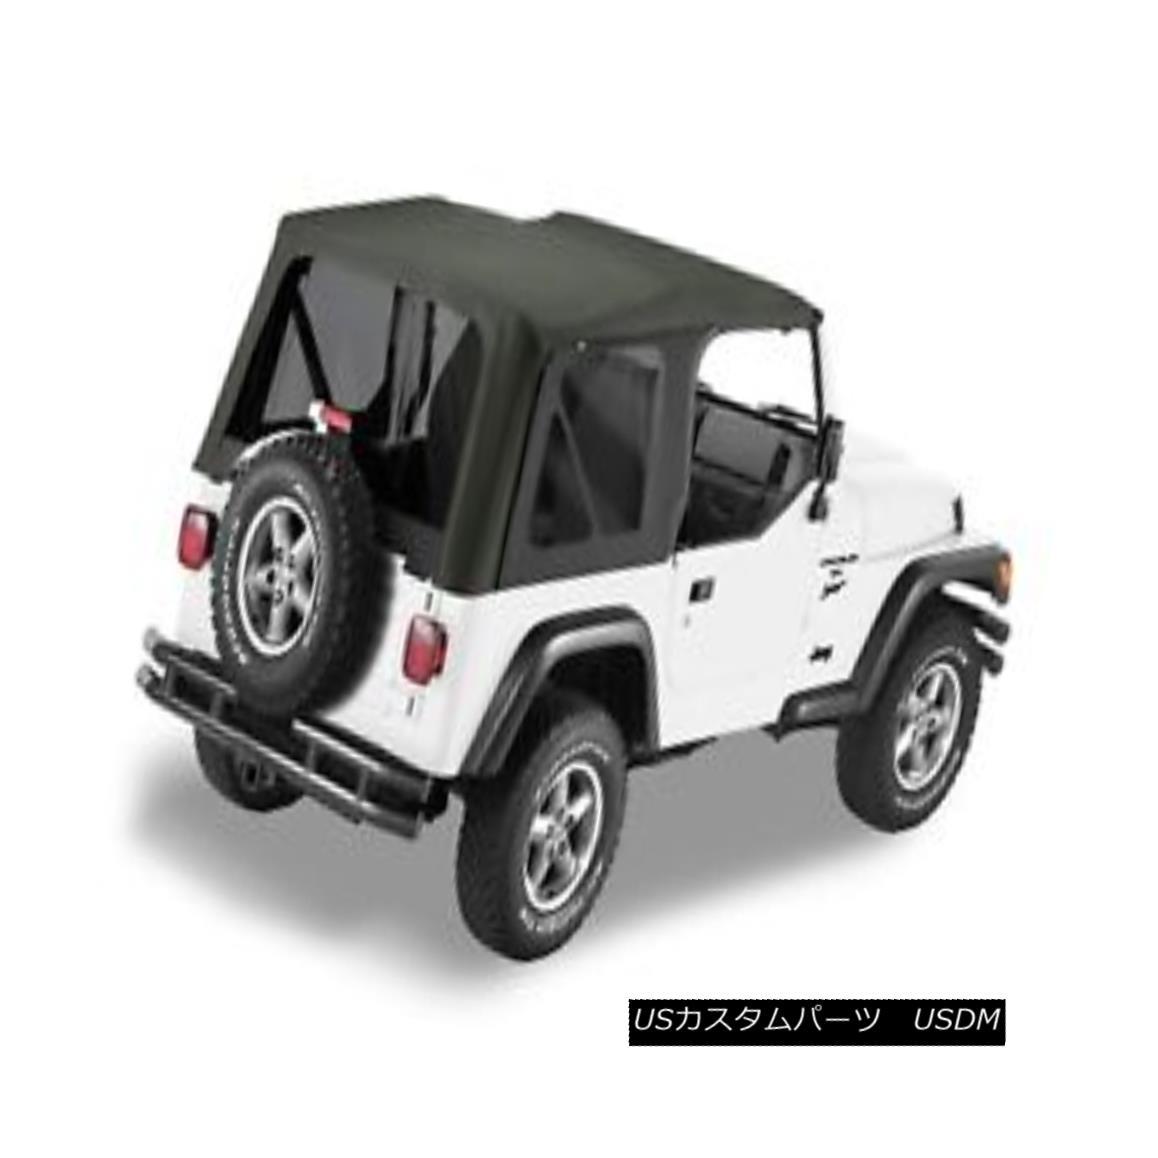 幌・ソフトトップ Bestop 79139-01 Jeep Sailcloth Replace-a-Top Soft Top Black Bestop 79139-01ジープセイルクロス交換トップソフトトップブラック